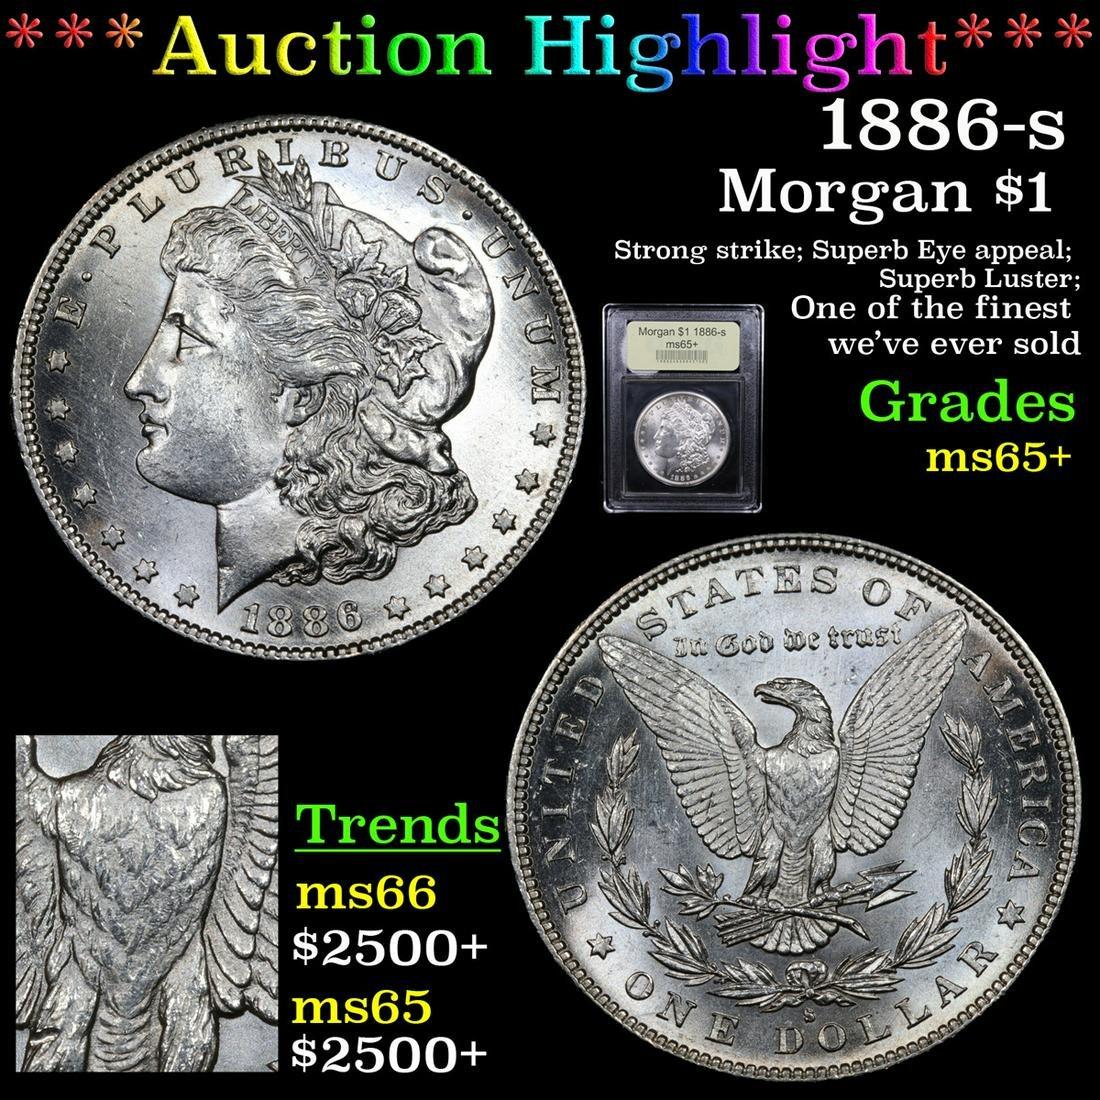 ***Auction Highlight*** 1886-s Morgan Dollar $1 Graded